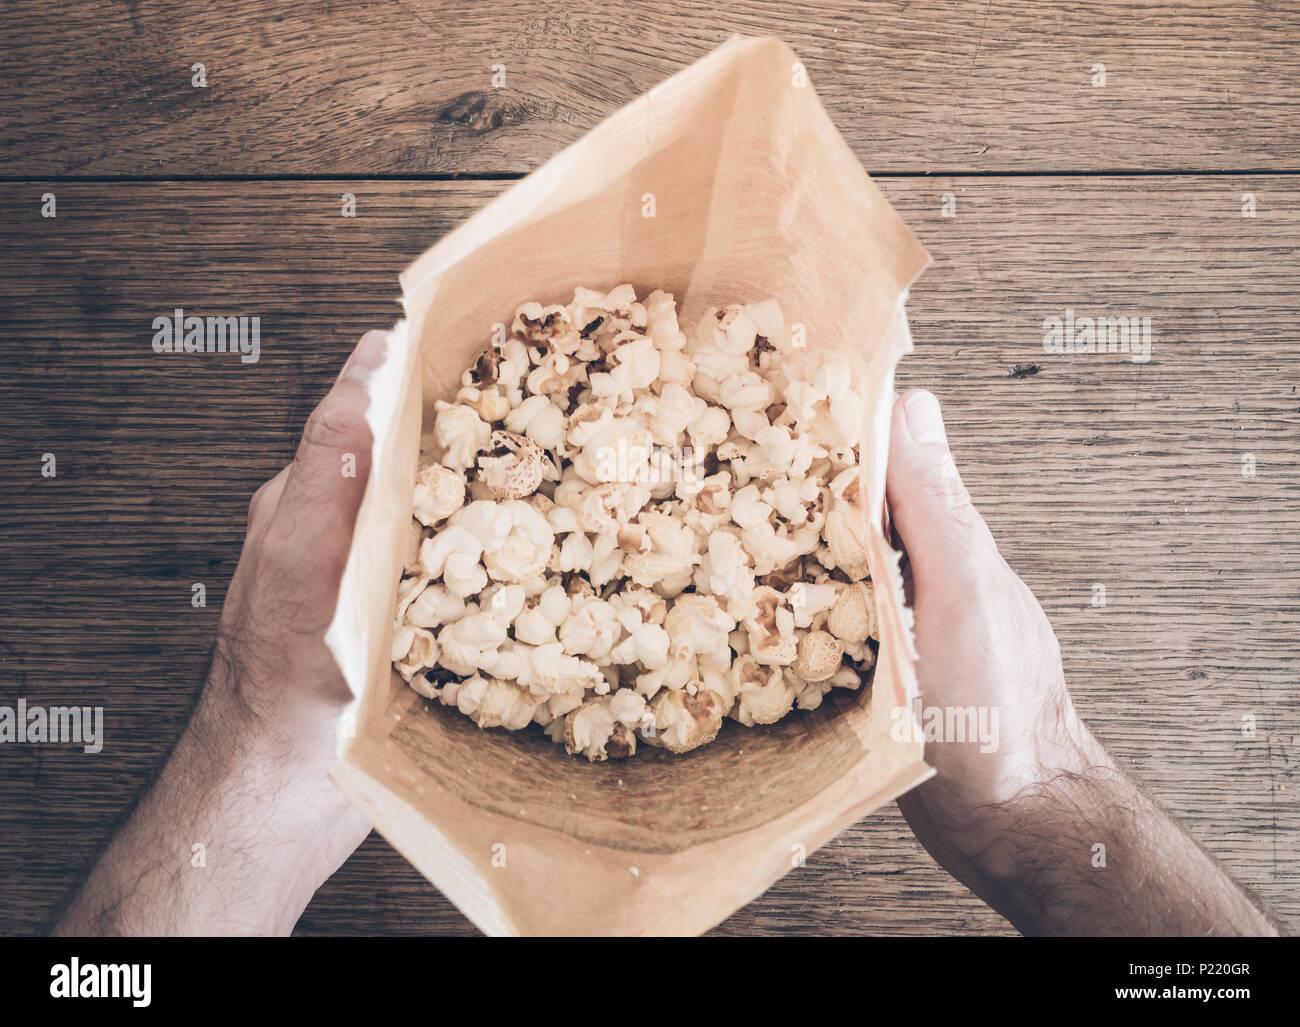 Directement au-dessus de coup de mains tenant sac en papier rempli de popcorn Photo Stock